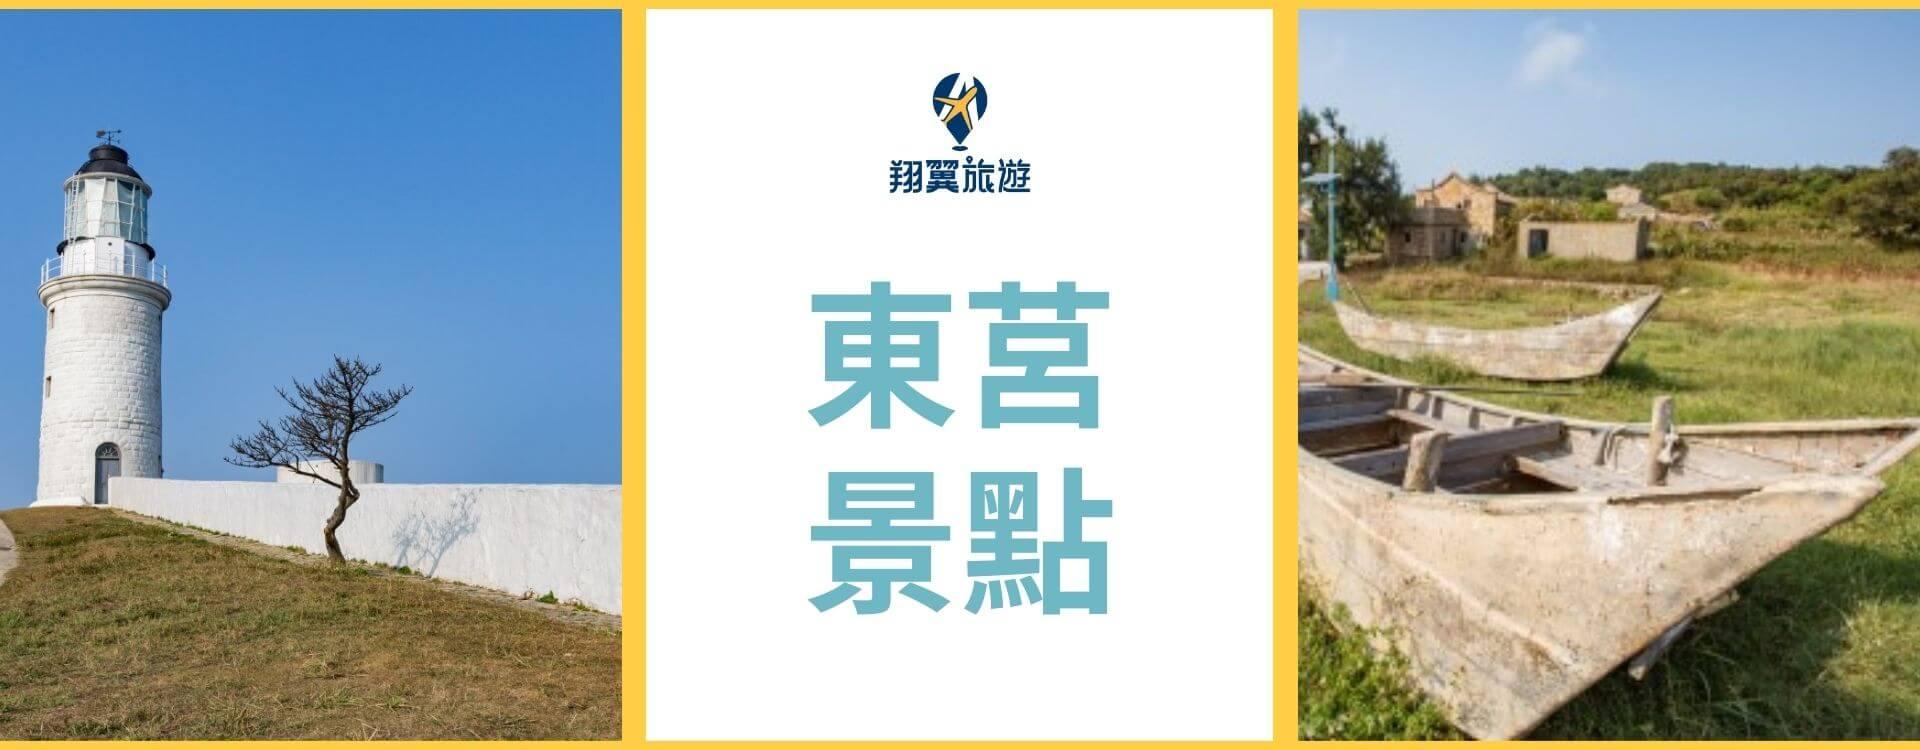 馬祖旅遊-東莒秘境景點 (1)